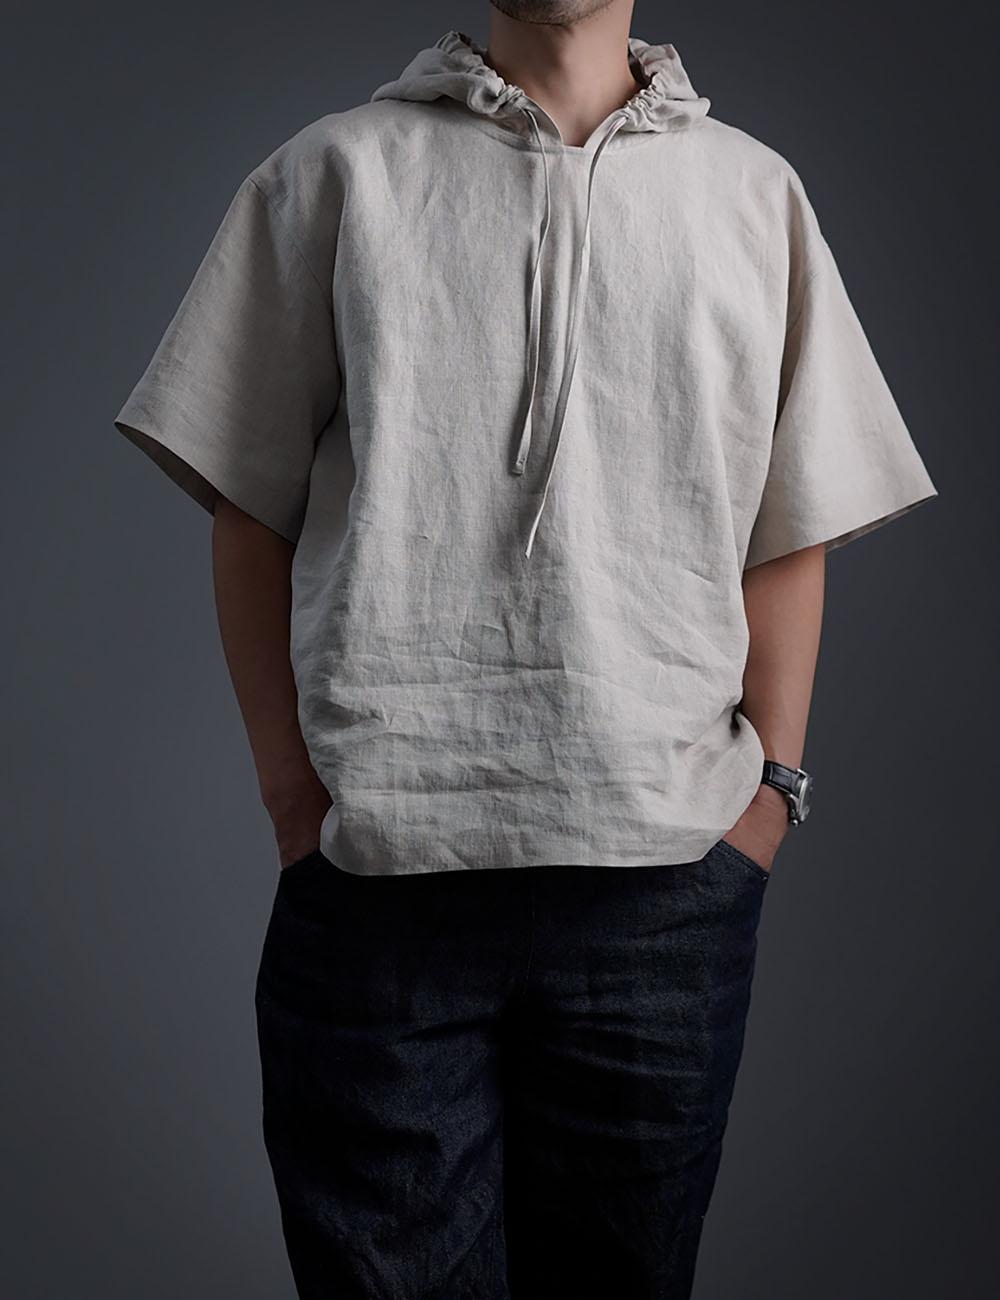 【wafu】さらさらリネン100% ビックパーカー 男女兼用  半袖 /亜麻ナチュラル t047f-amn1